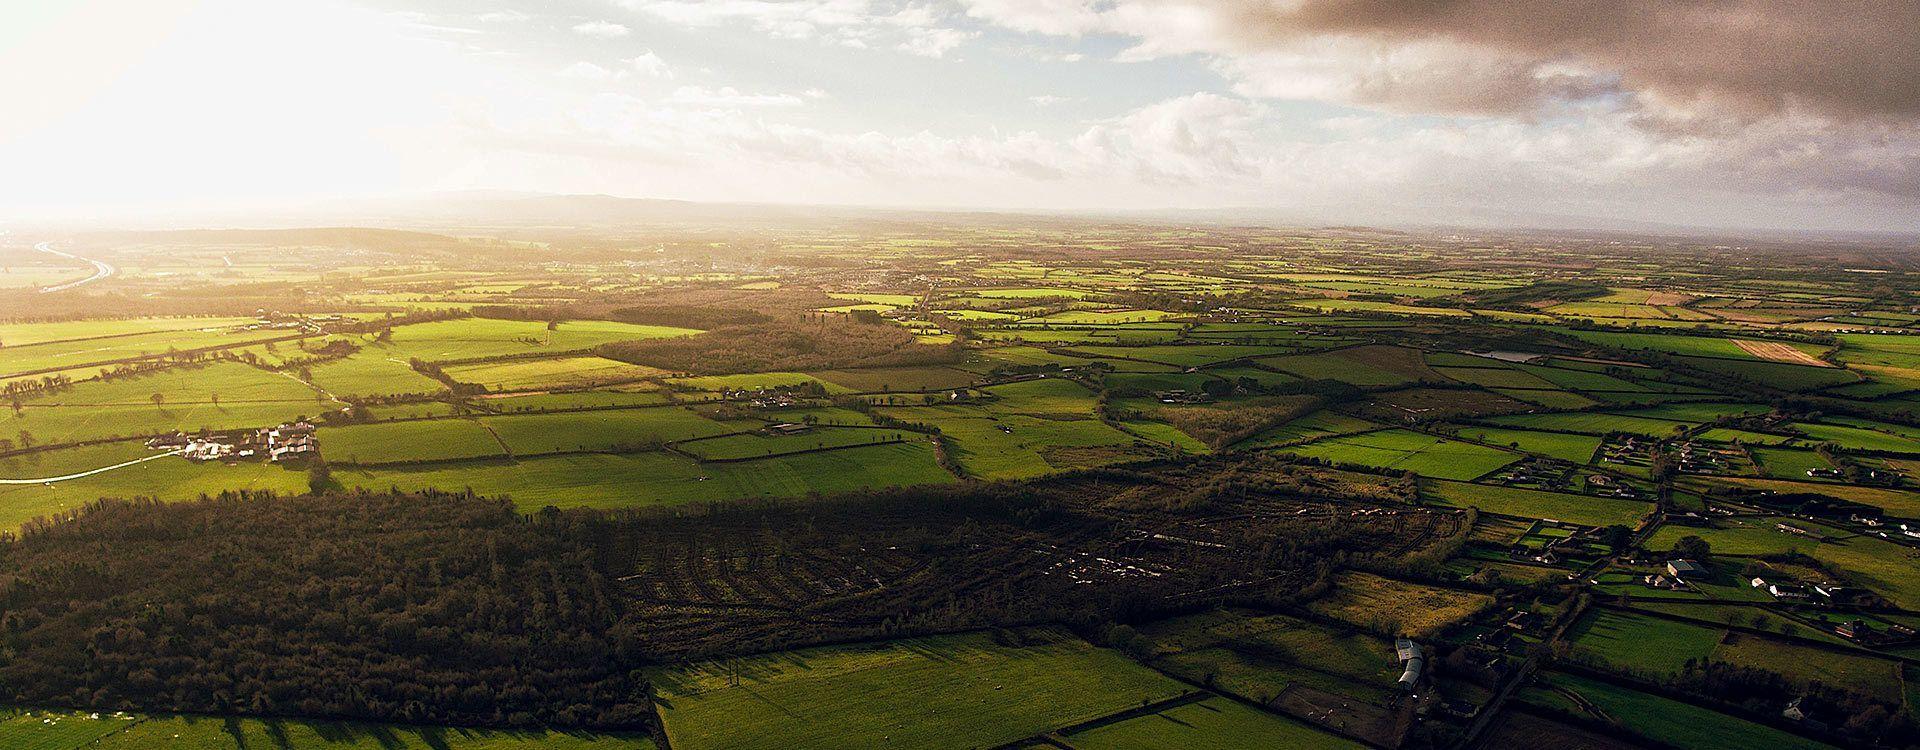 Excursión de 9 días por Irlanda desde Dublín